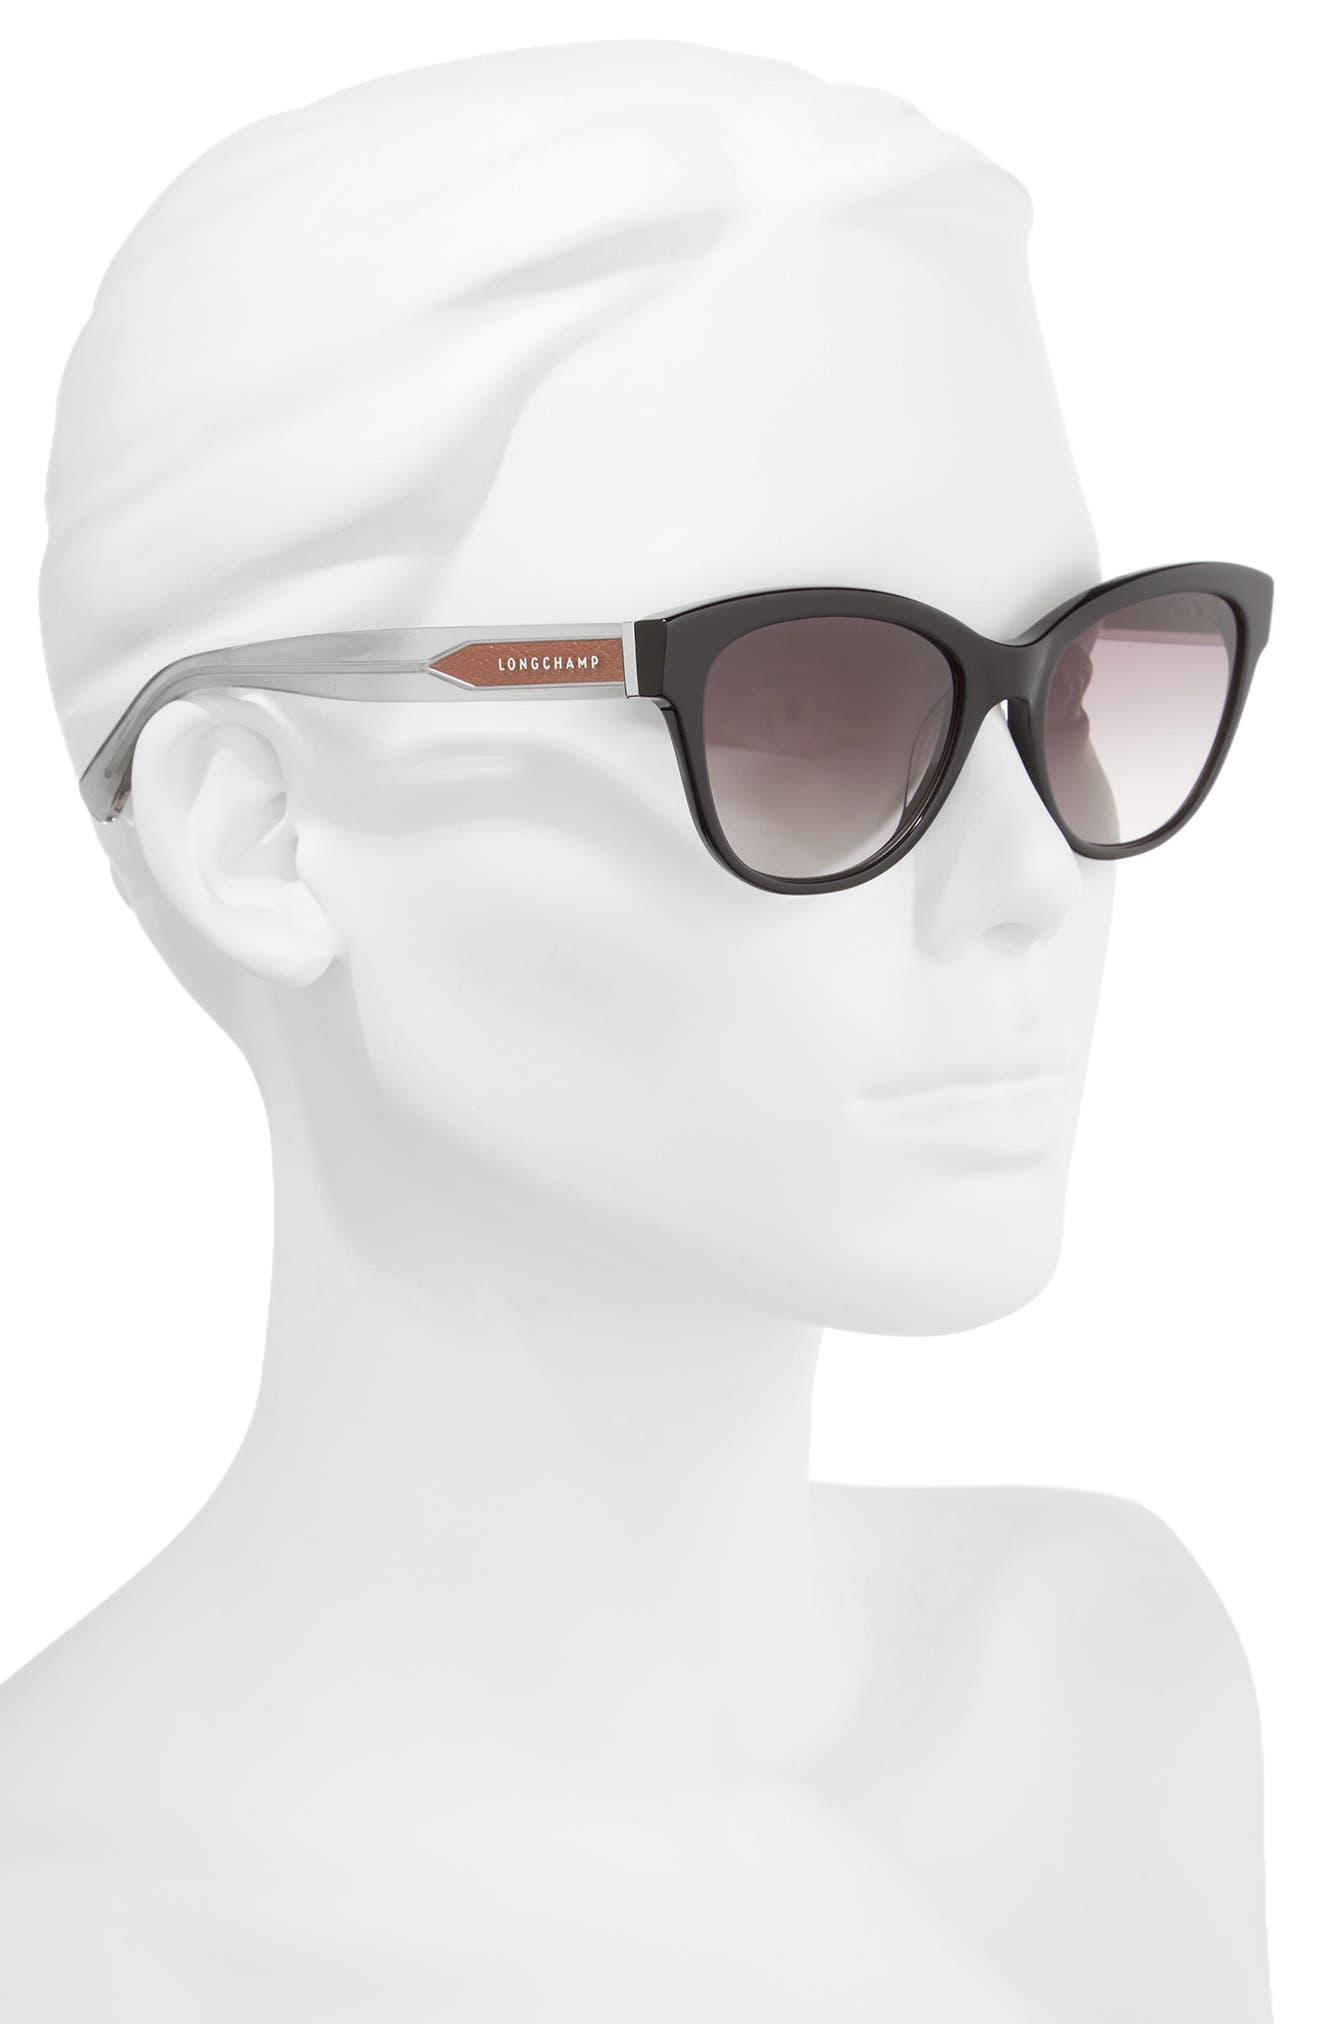 54mm Gradient Lens Sunglasses,                             Alternate thumbnail 2, color,                             001